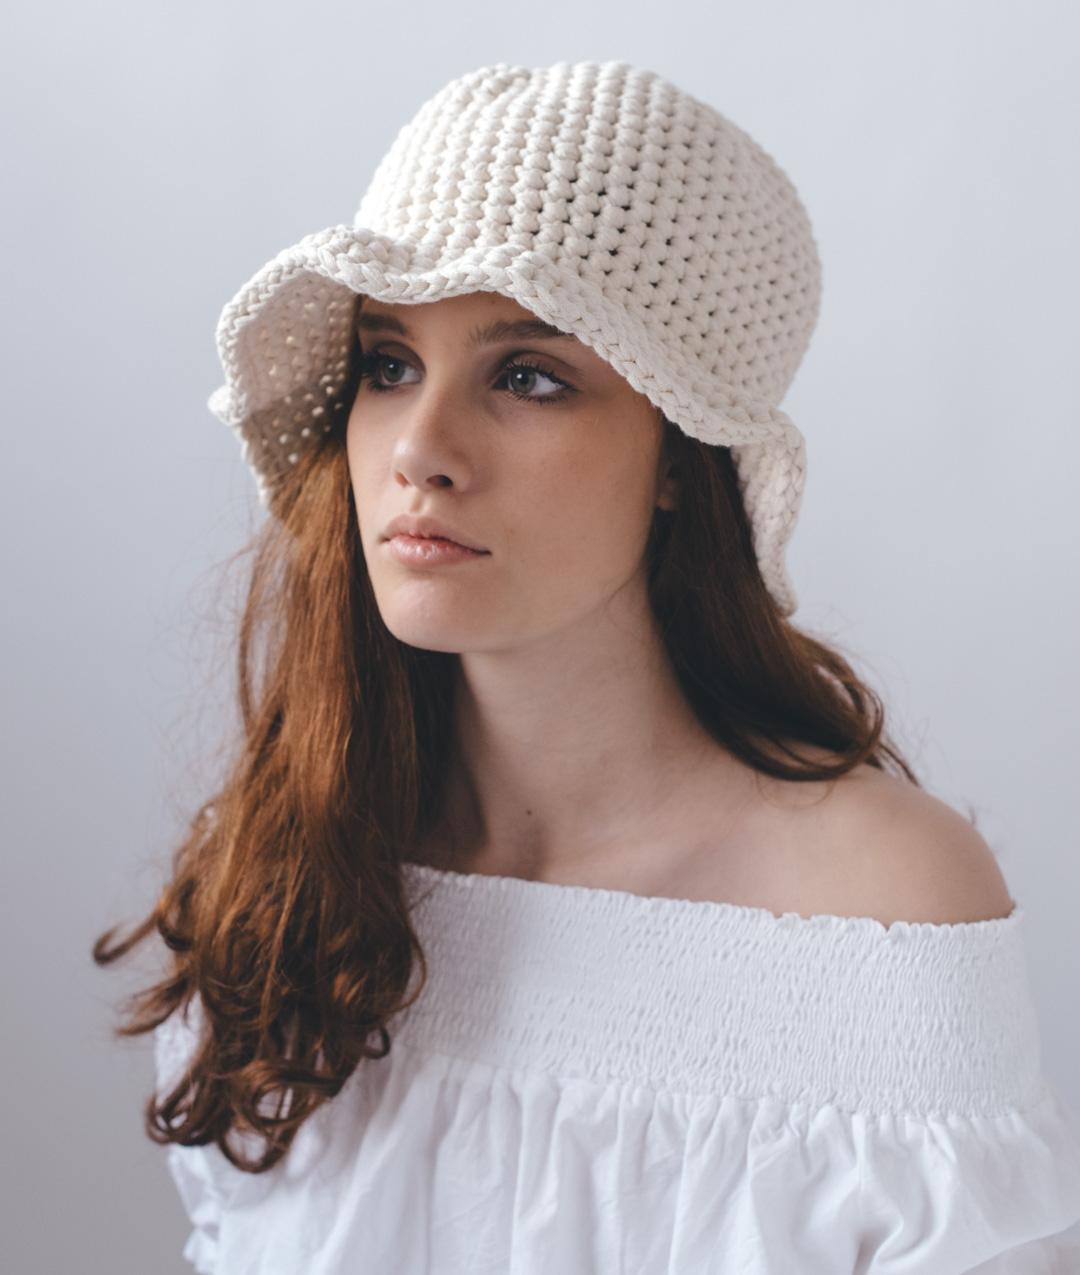 Schemi Gratuiti - Lolly Hat: Schema Gratuito - 1